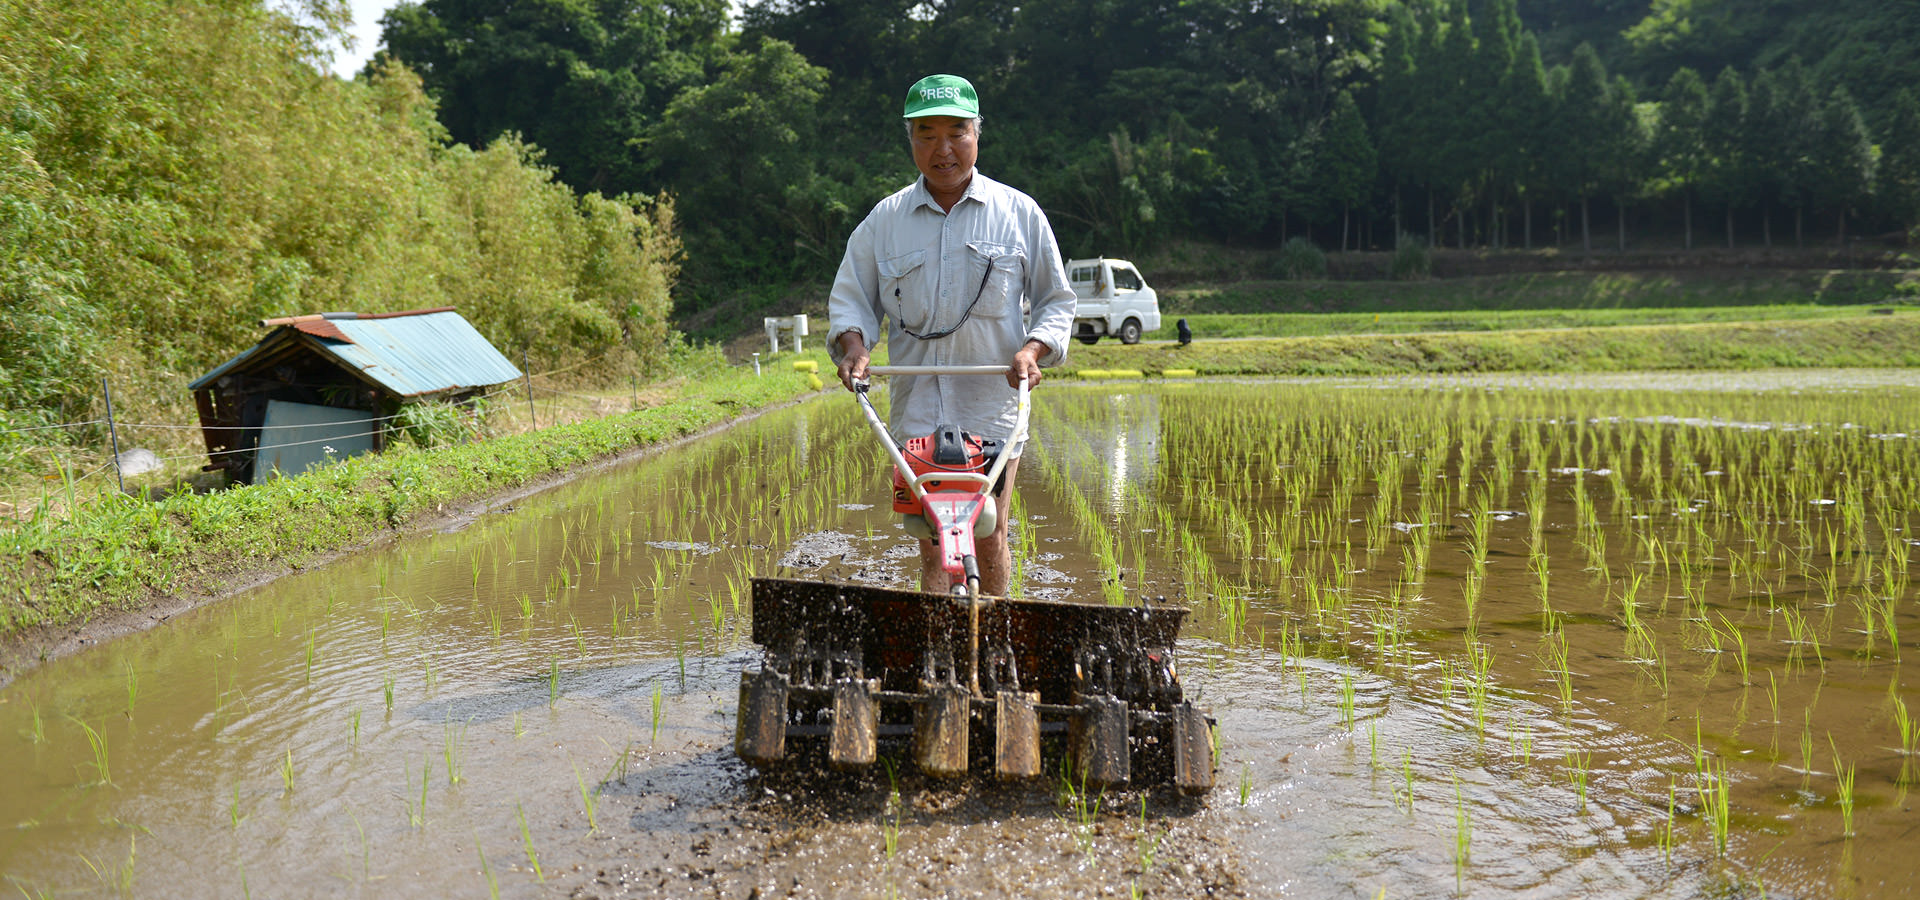 北野悦之さんが作る、無農薬・無化学肥料栽培のお米。